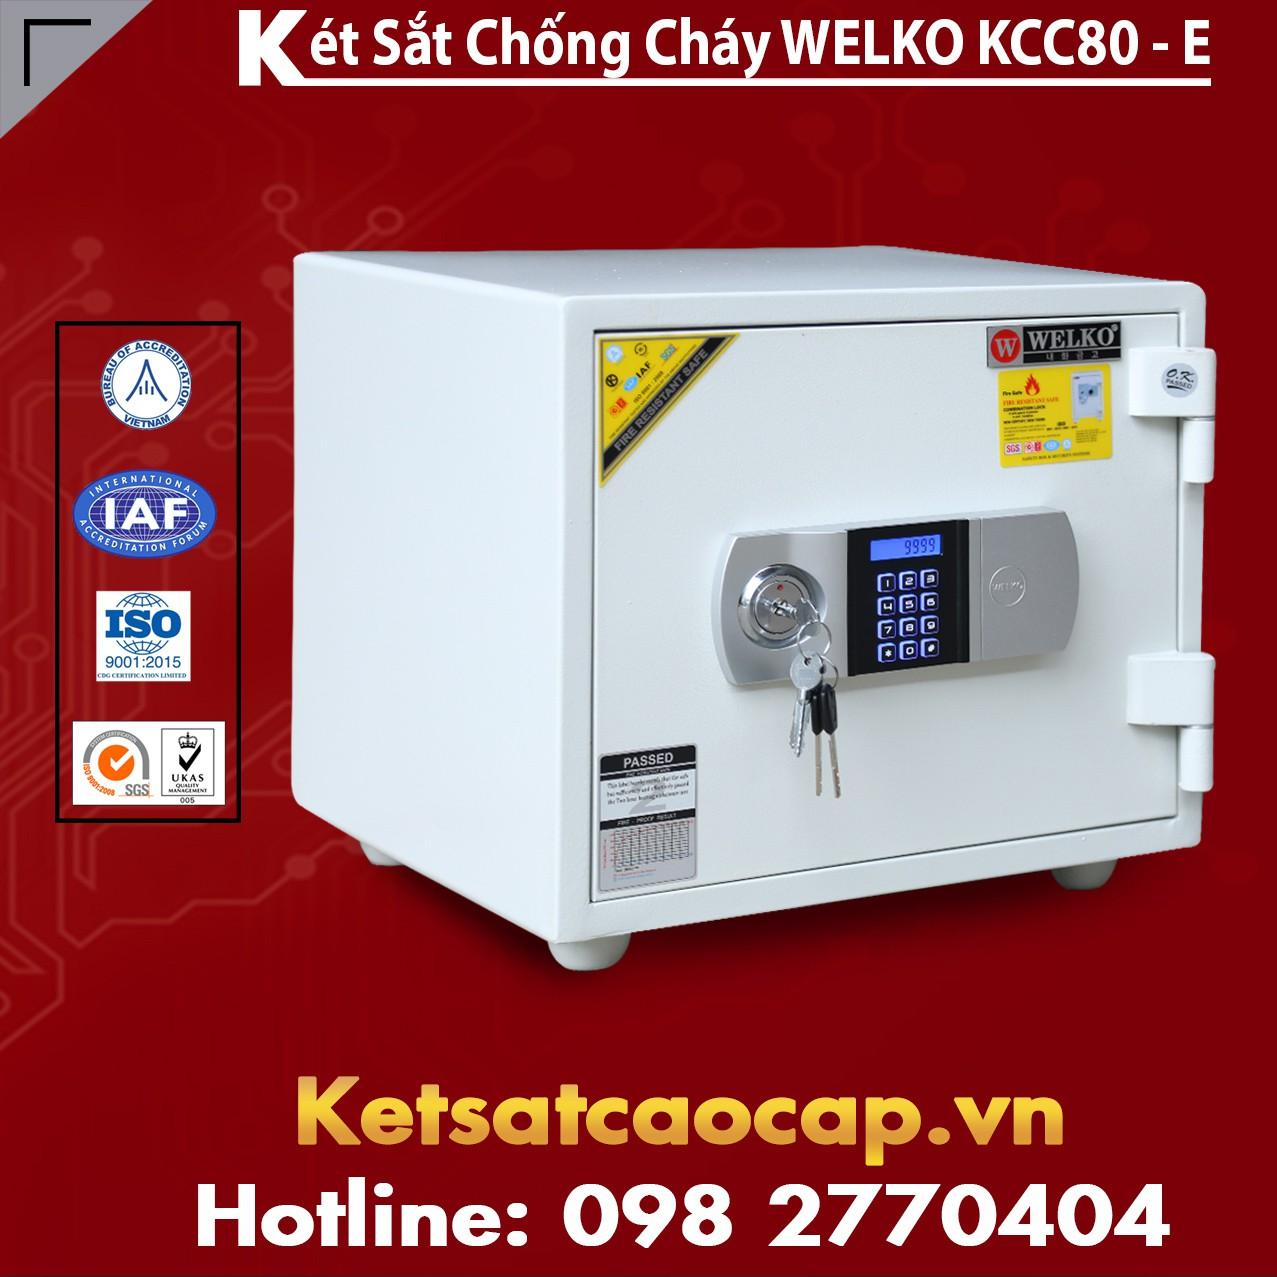 Két Sắt Giá Rẻ KCC80 E Silver - White